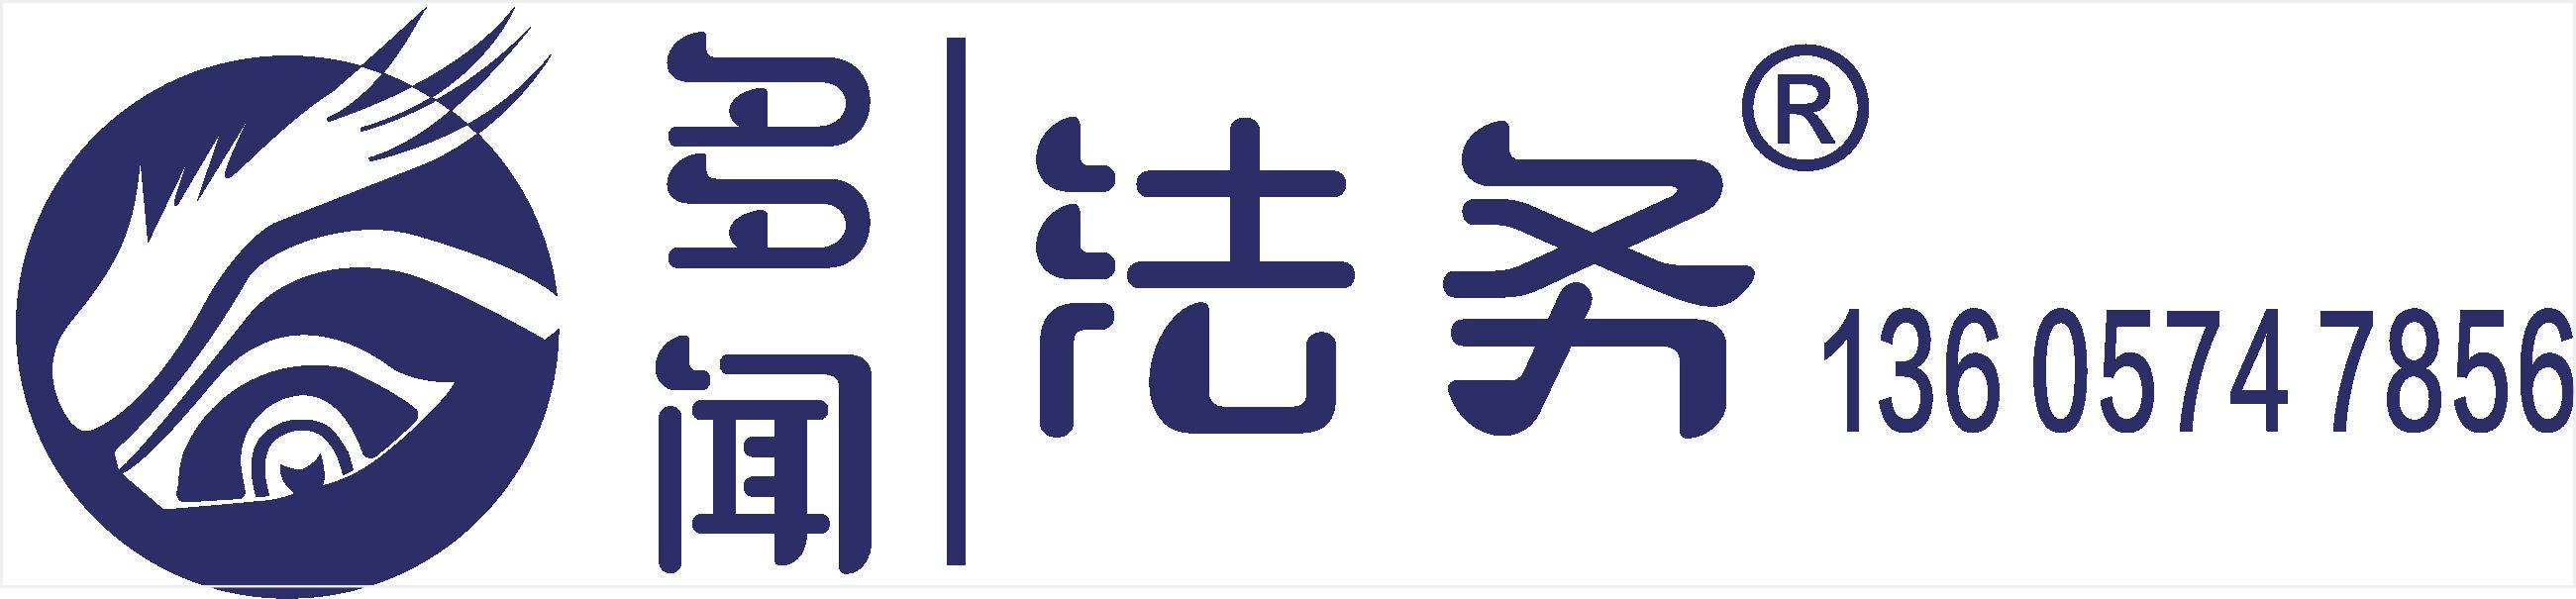 宁波合同律师|宁波离婚律师|宁波刑事律师|宁波法律顾问